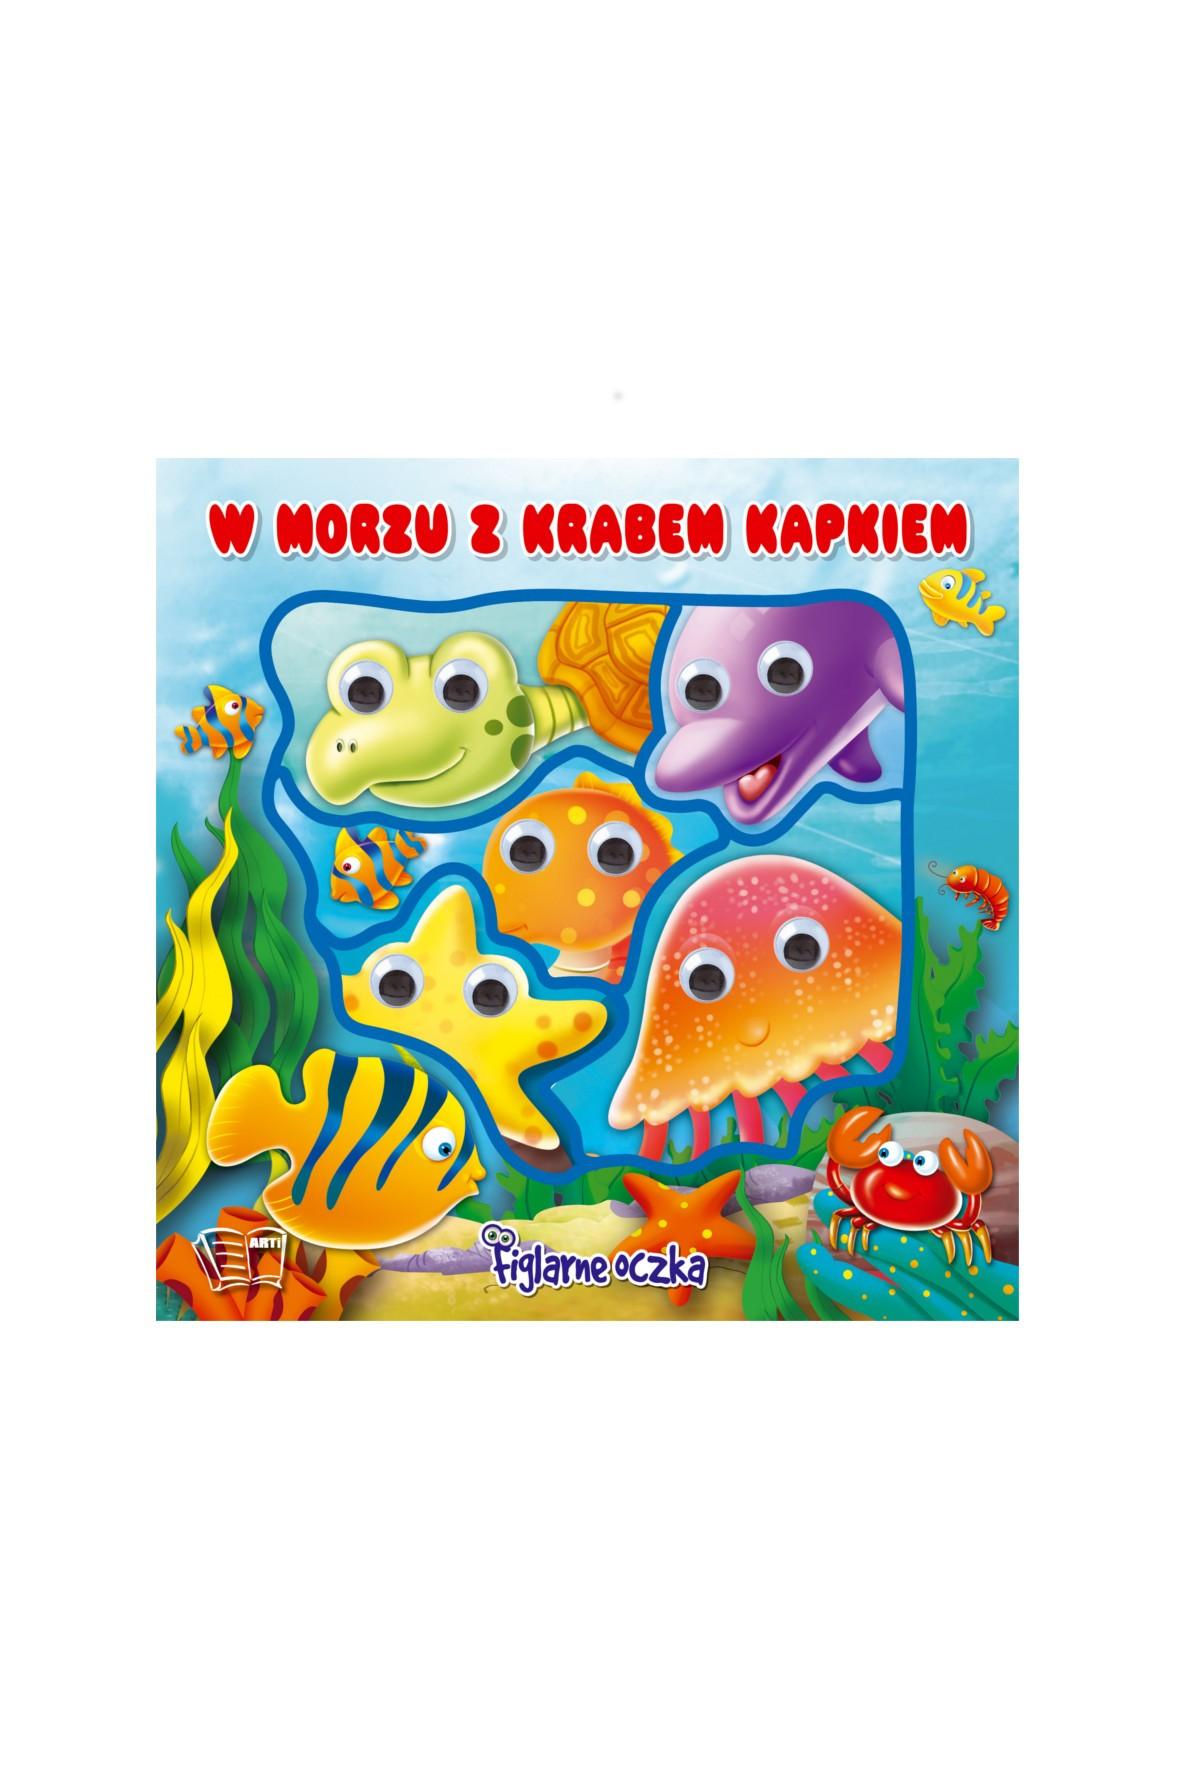 Książka W morzu z Krabem Kapkiem